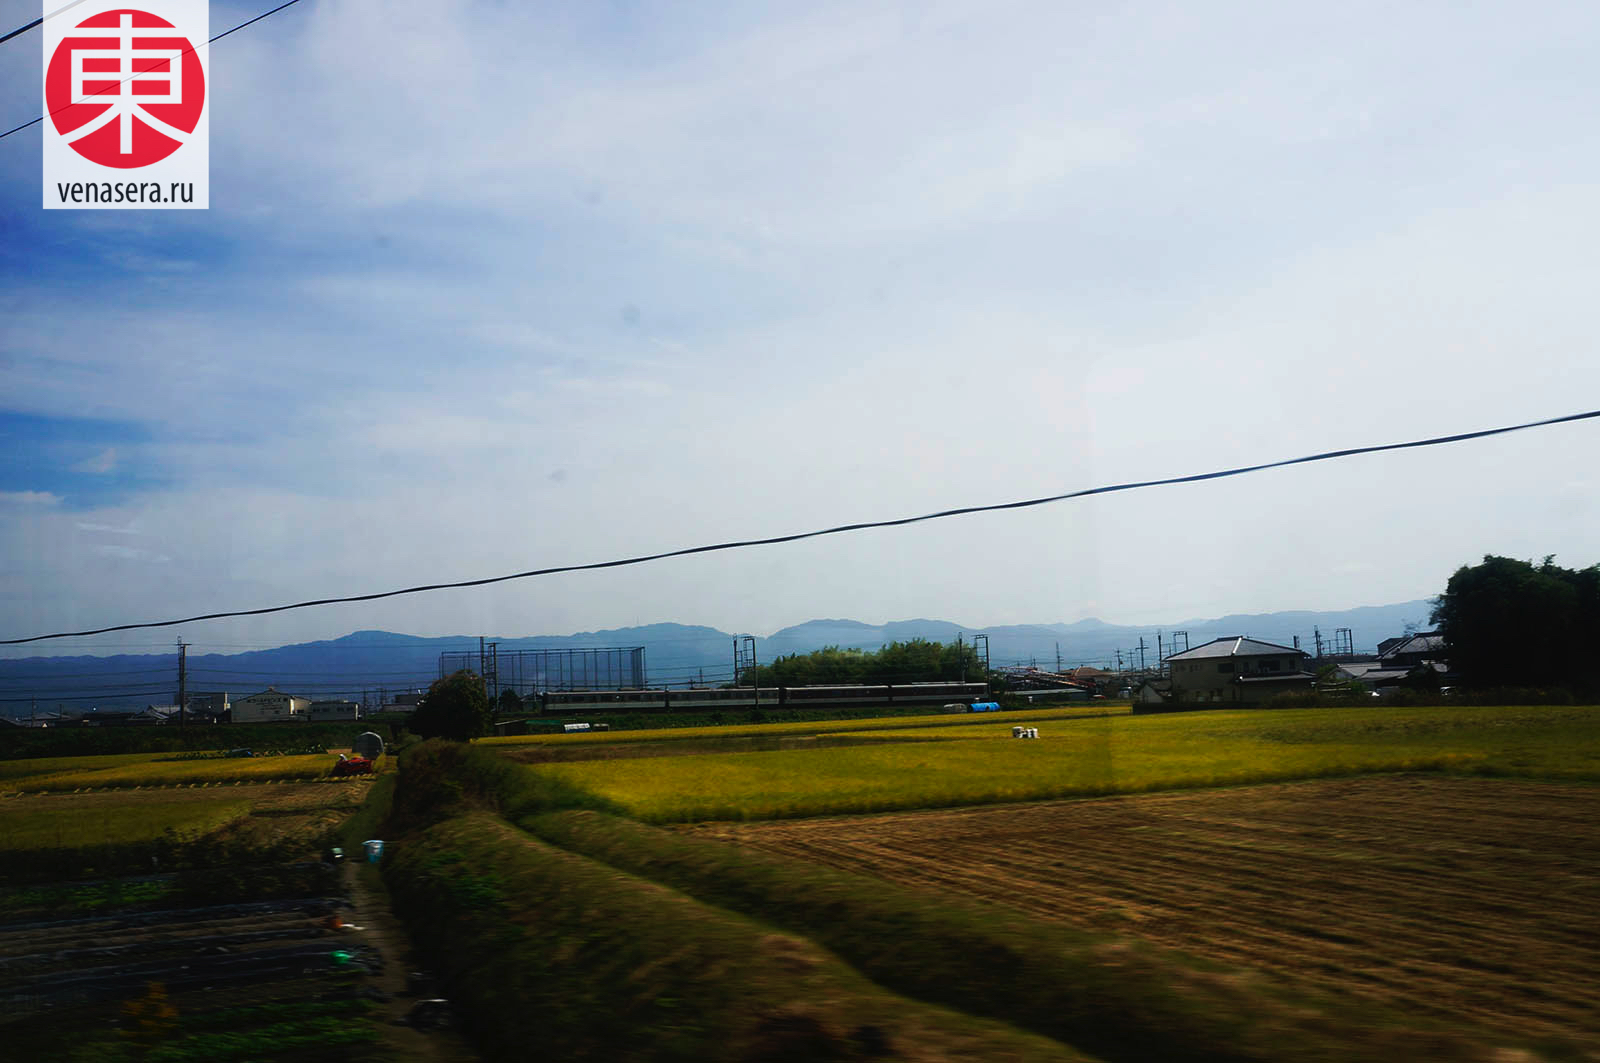 Поездка в Нара, Японские пейзажи, Нара, Nara, 奈良, Япония, Japan, 日本.